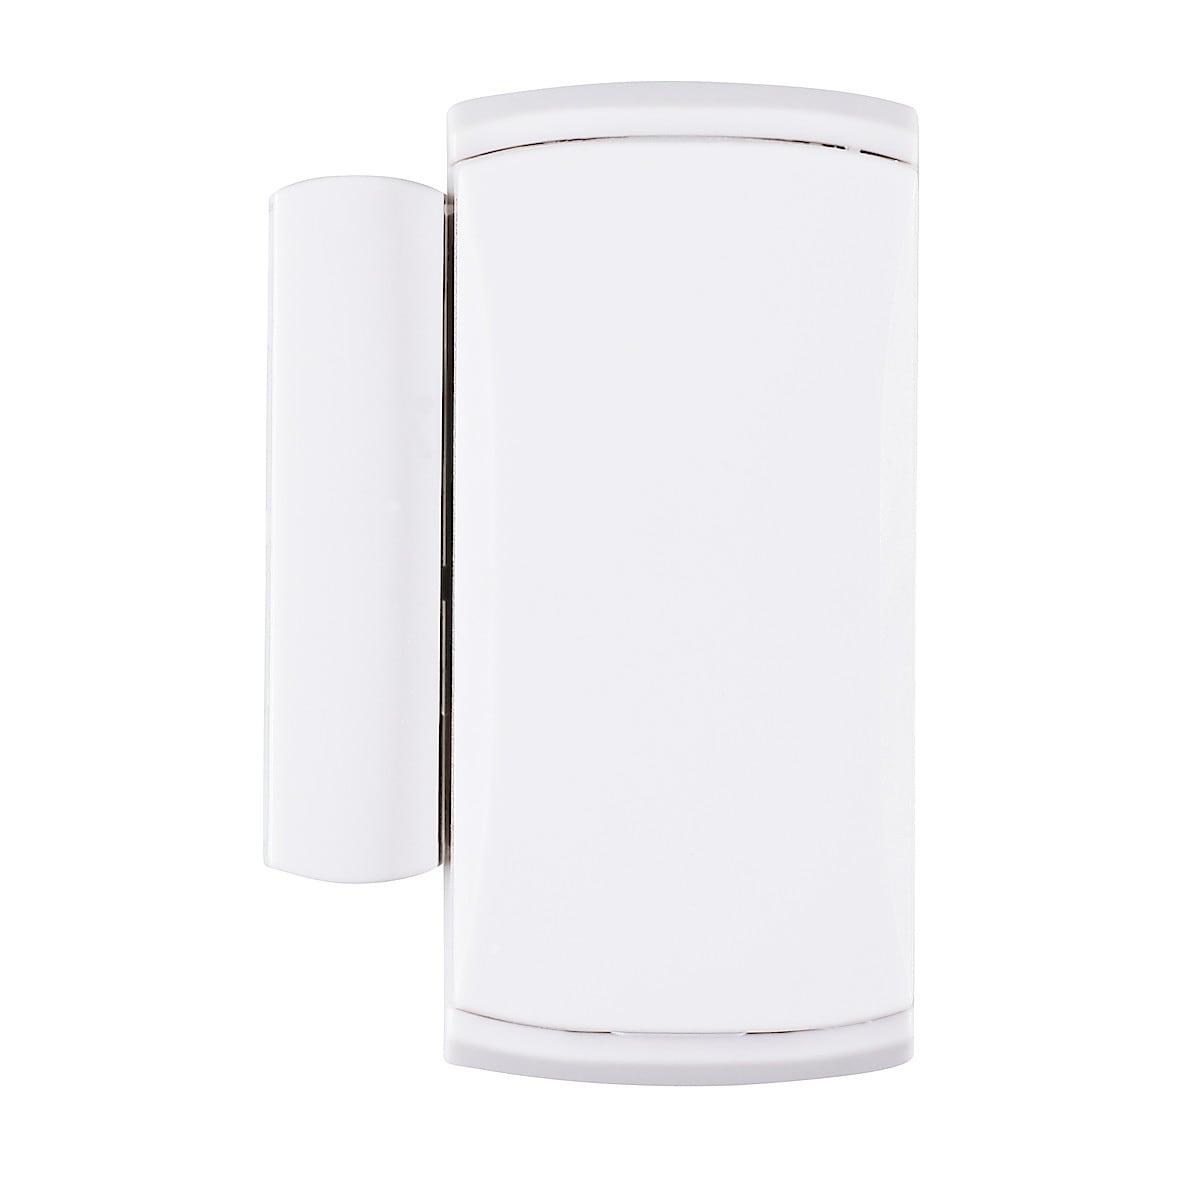 Magnetkontakt Electia Protect EL-DC